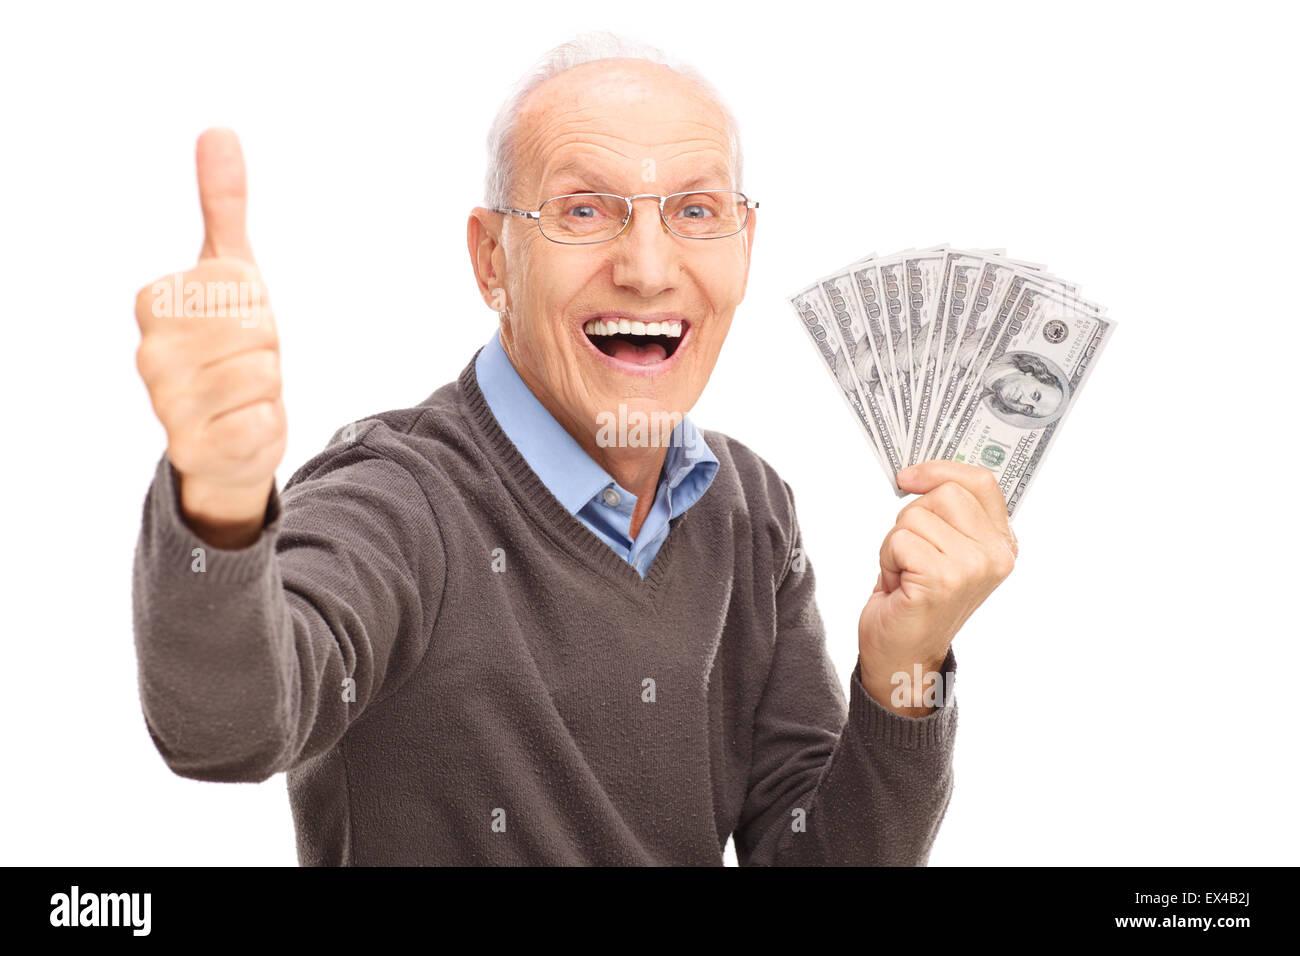 Aufgeregt senior Gentleman isoliert halten einen Stapel von Geld und einen Daumen aufgeben auf weißem Hintergrund Stockbild